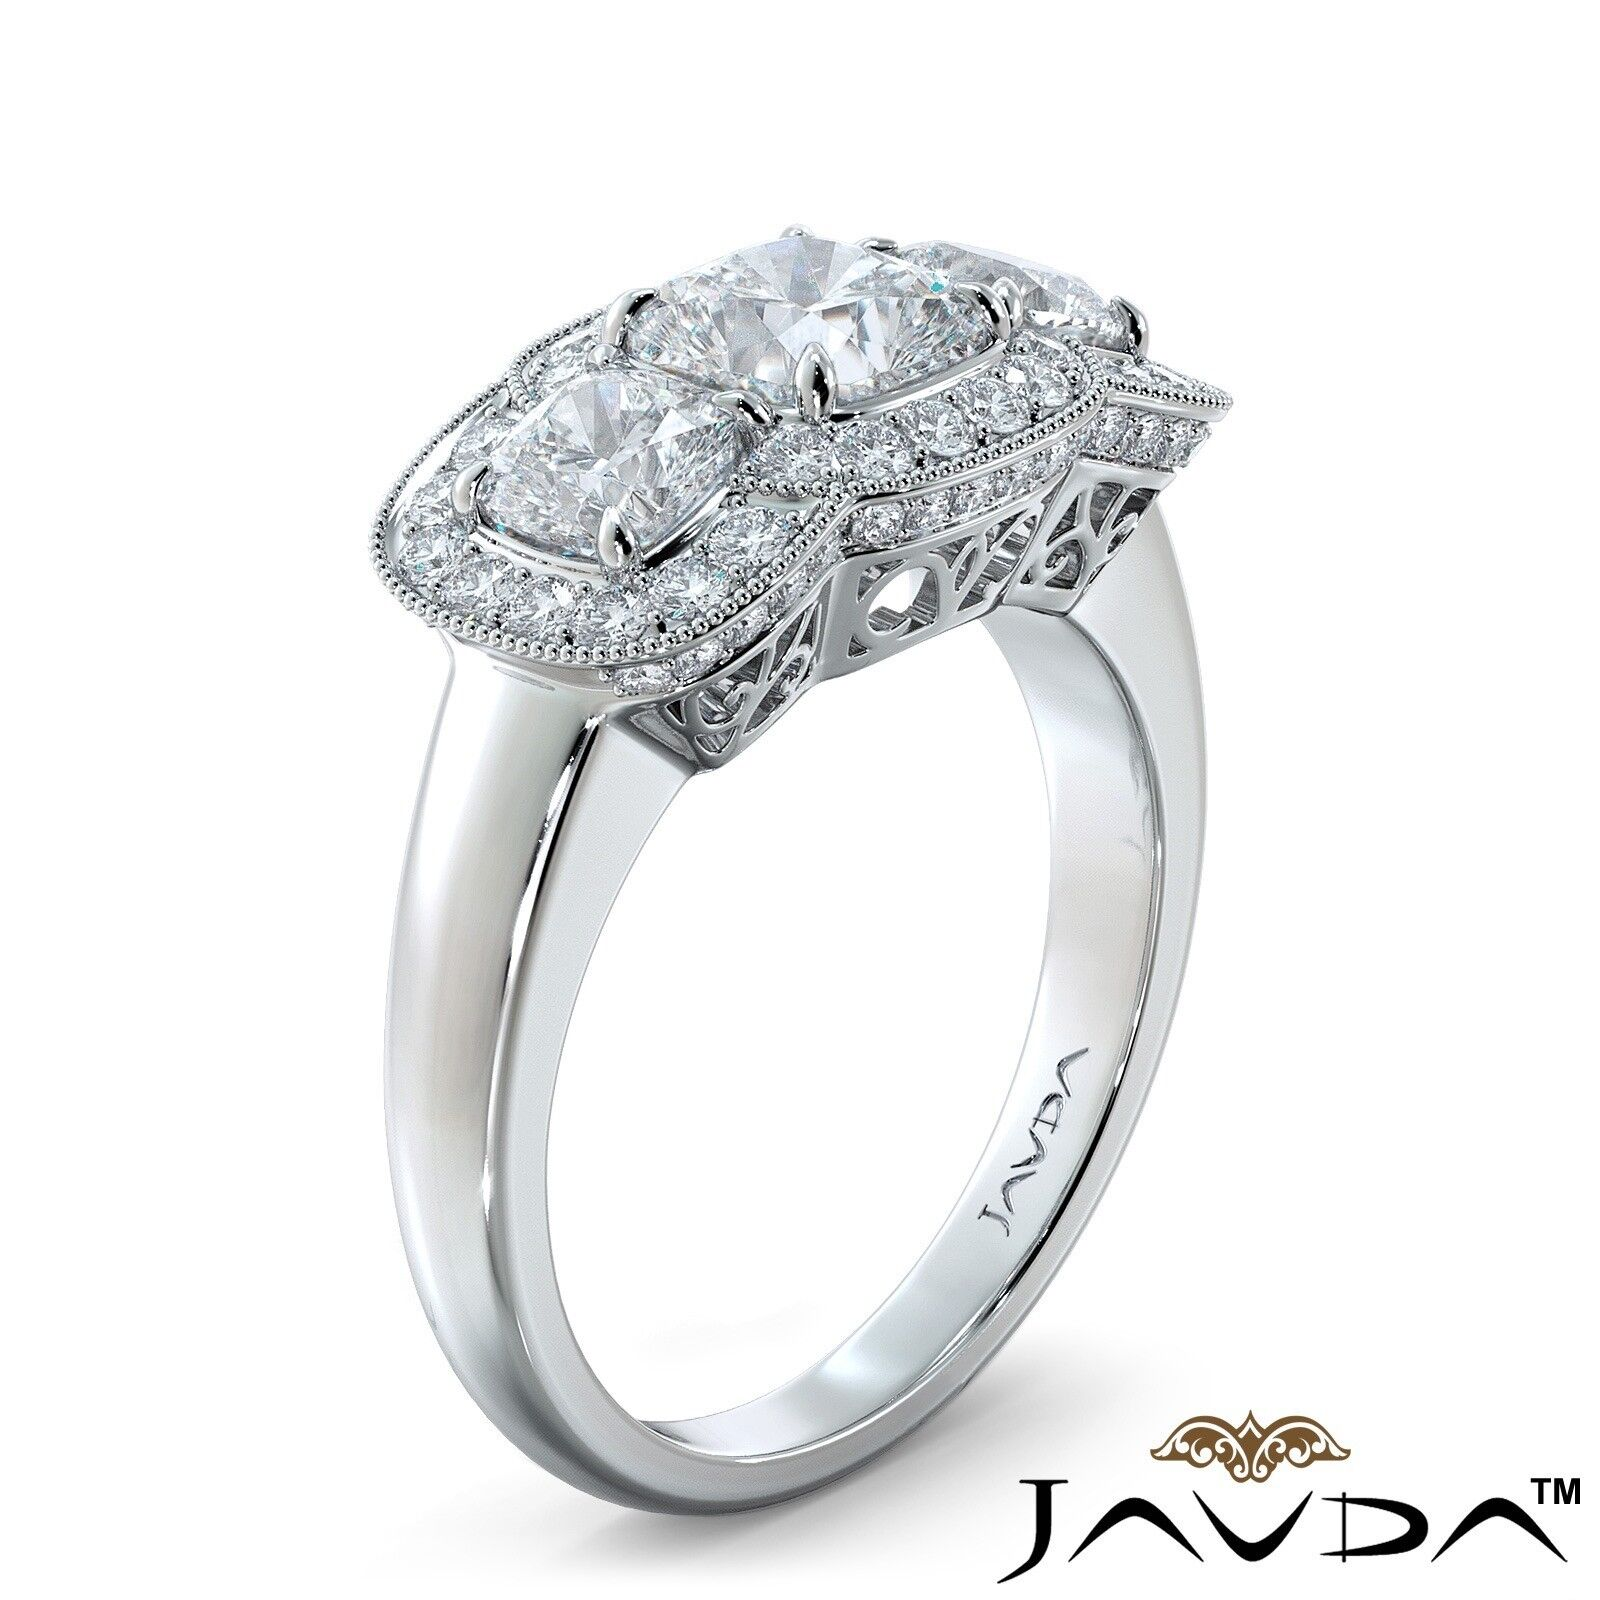 2.25ctw Milgrain Halo 3 Stone Cushion Diamond Engagement Ring GIA I-SI1 W Gold 1